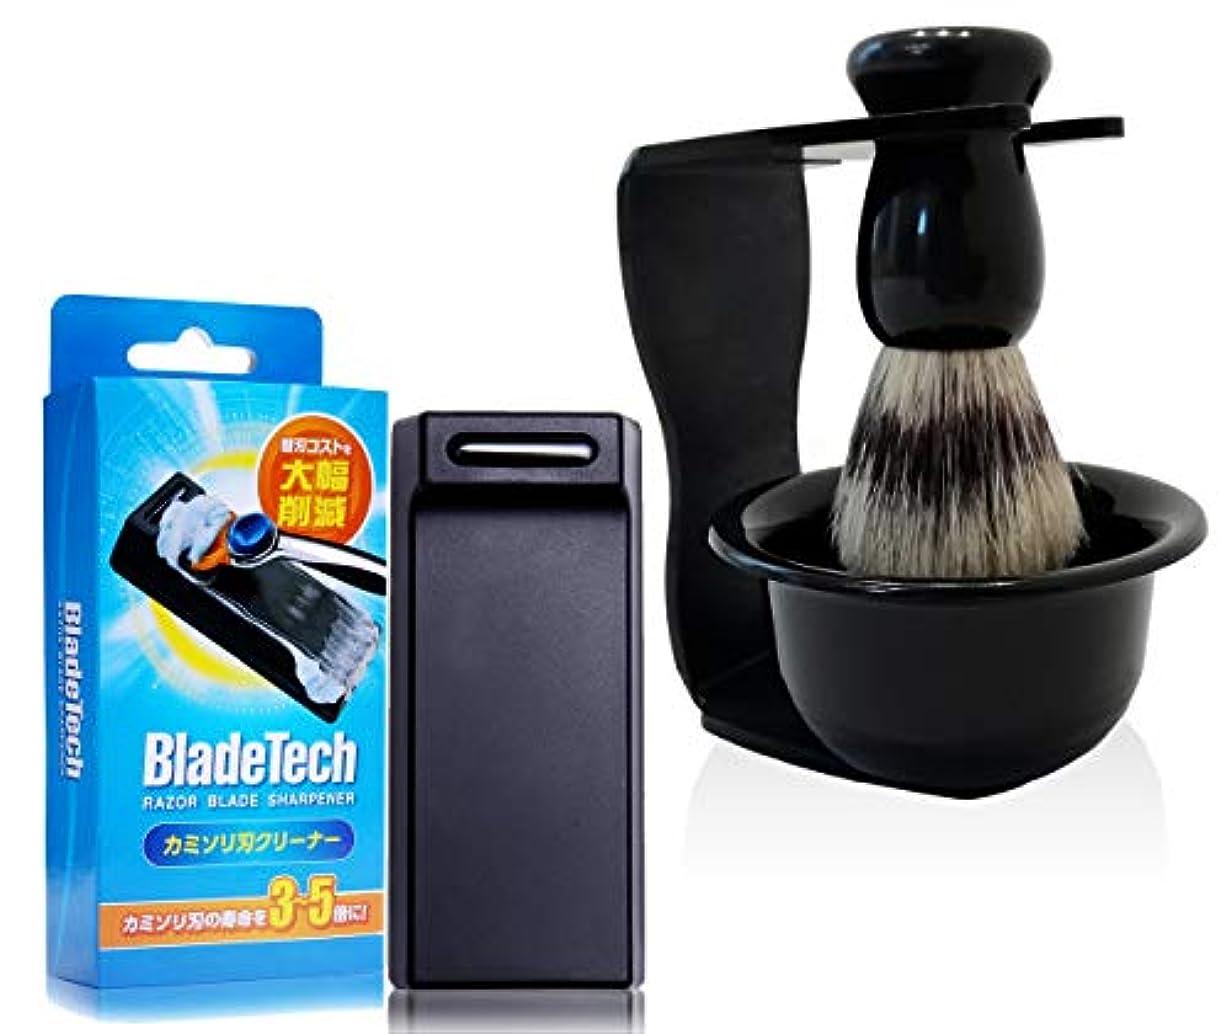 咲く団結する衣類髭剃り シェービングツールセット (カミソリ刃クリーナー、 シェービングブラシ、 シェービングカップ?スタンド)